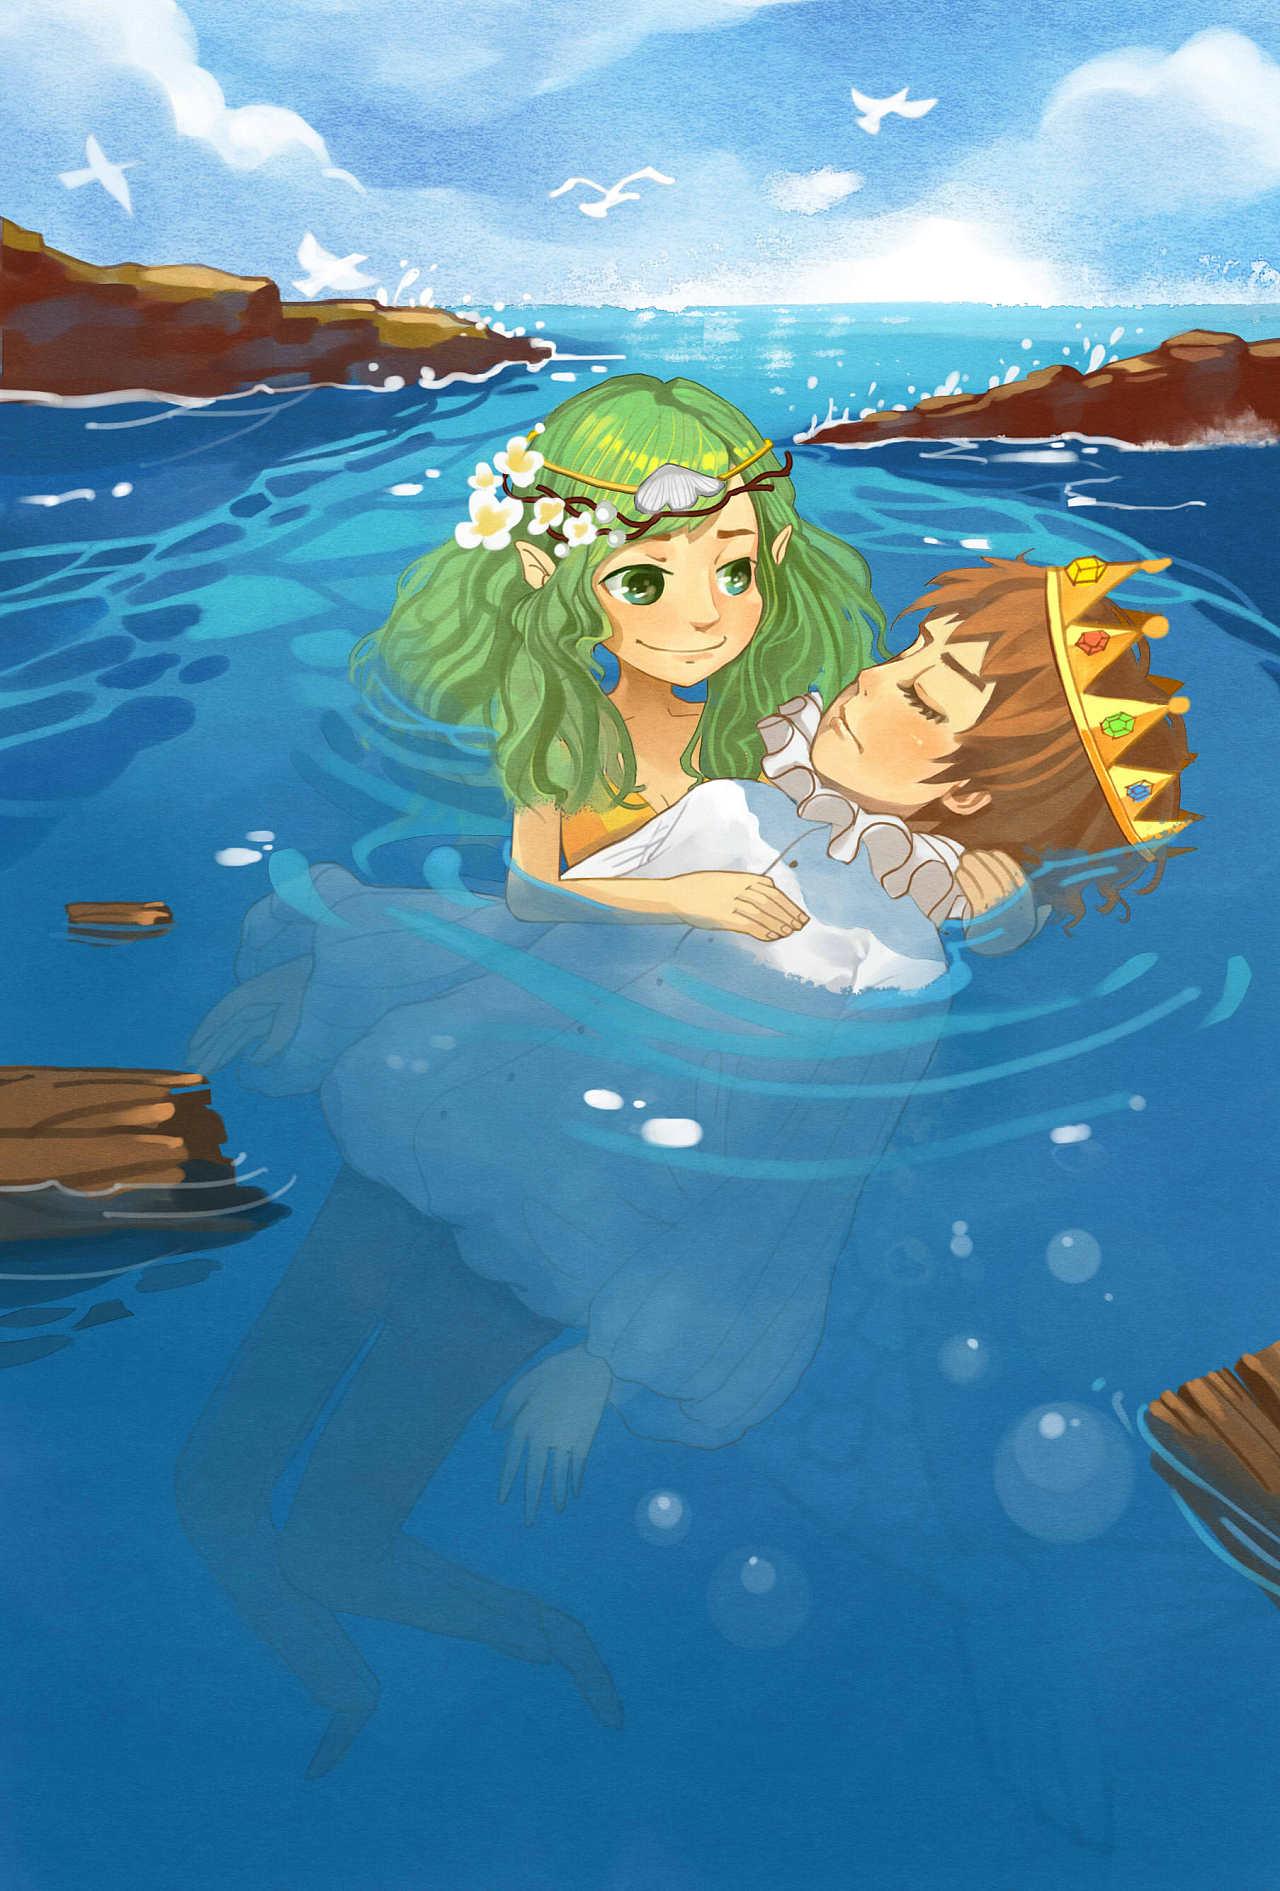 童话中心高中作业安徒生信息《海的女儿》里,小美人鱼变成人是为了实验郑强初中图片